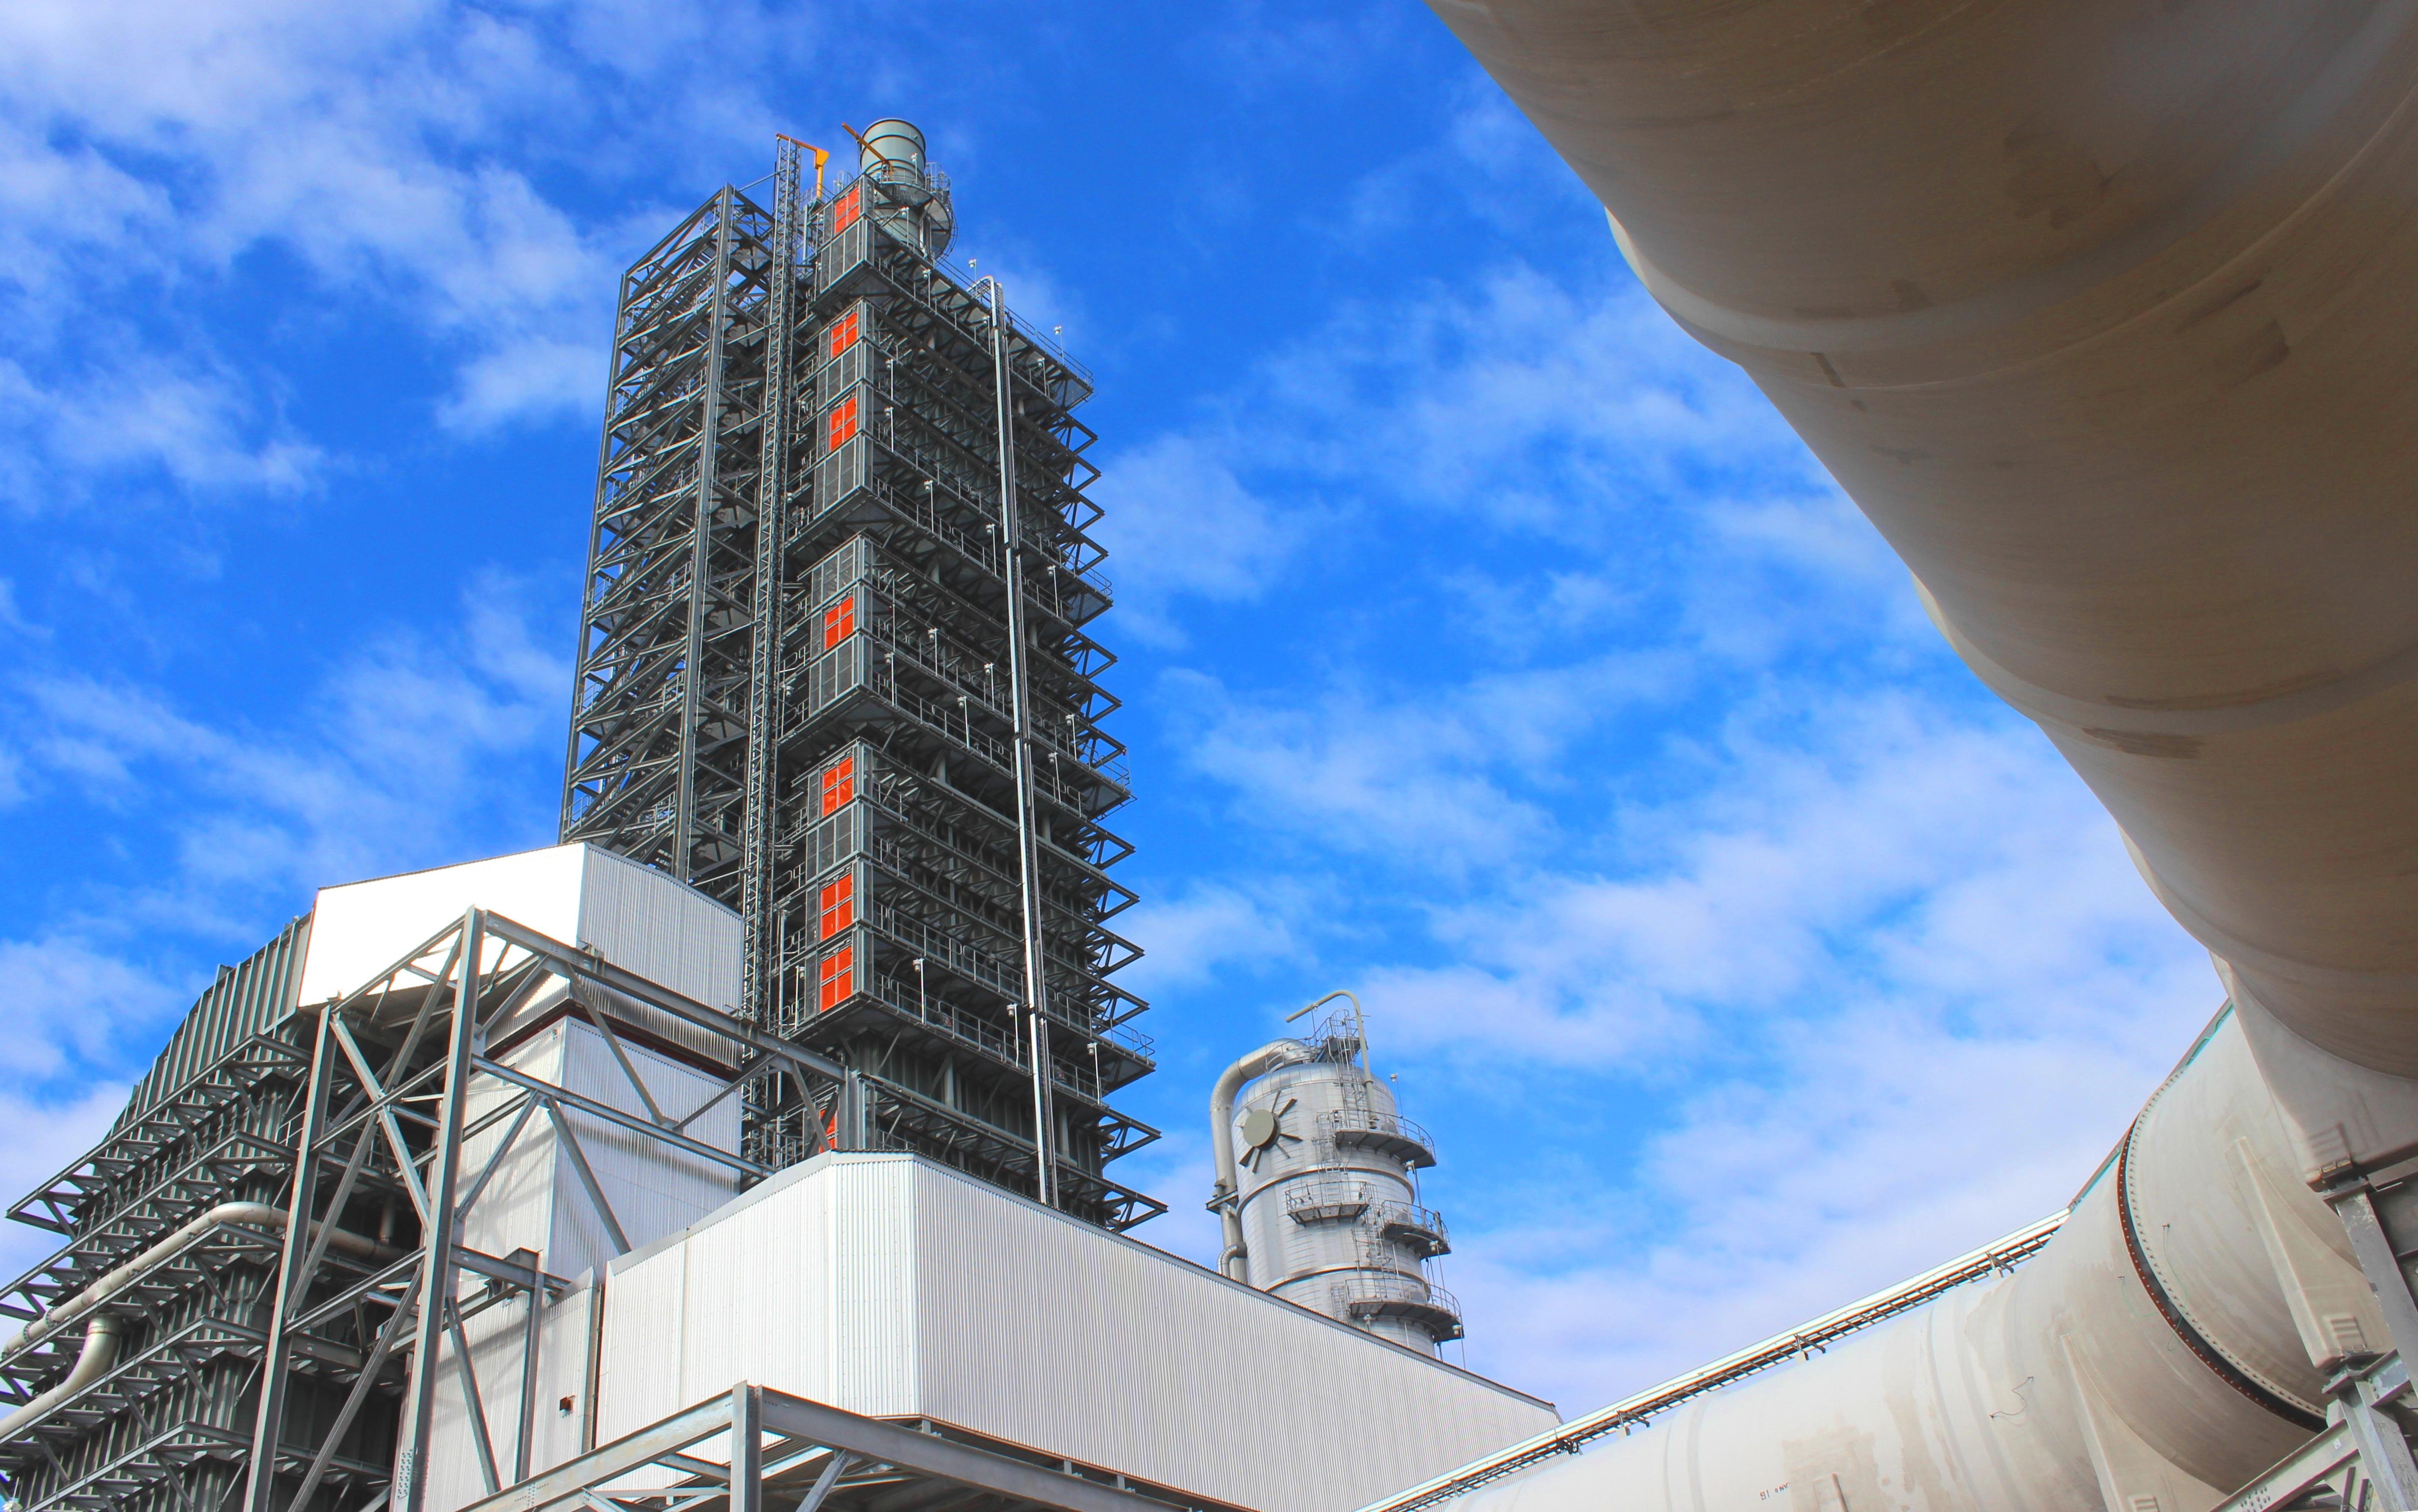 Petra-Nova-8 CCS plant